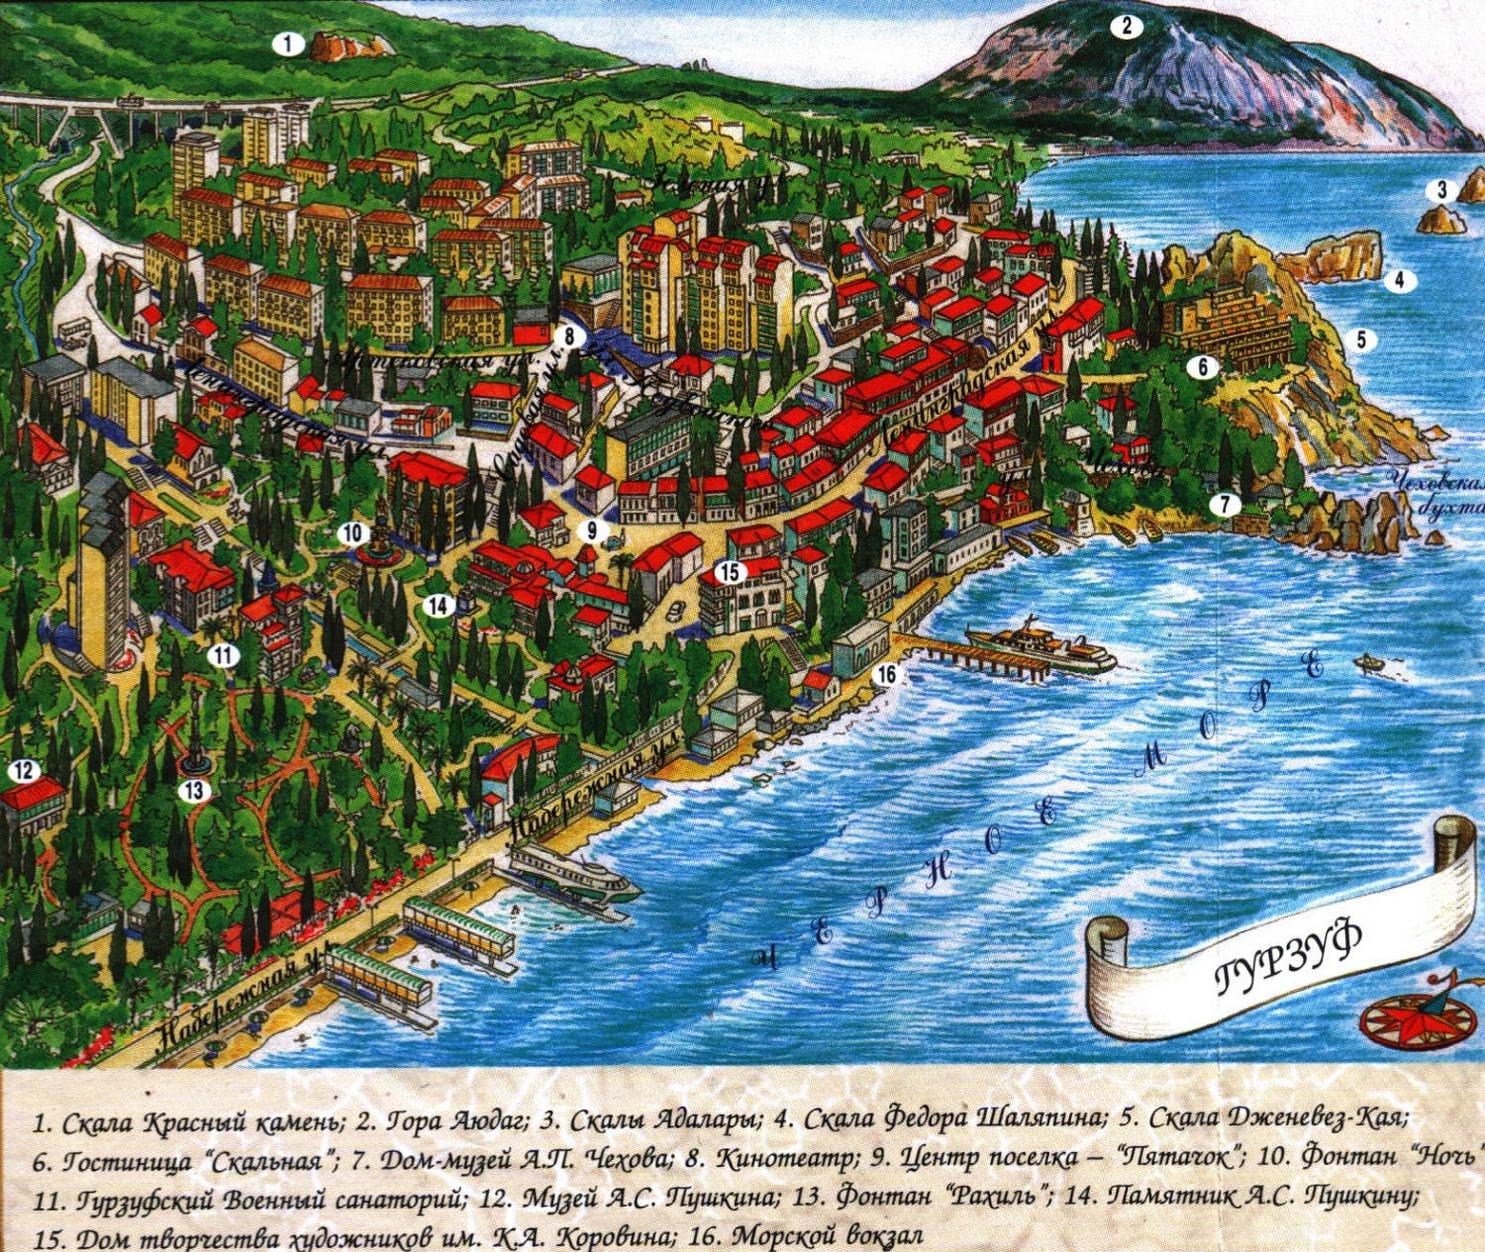 Подробная карта курорта гурзуф карта